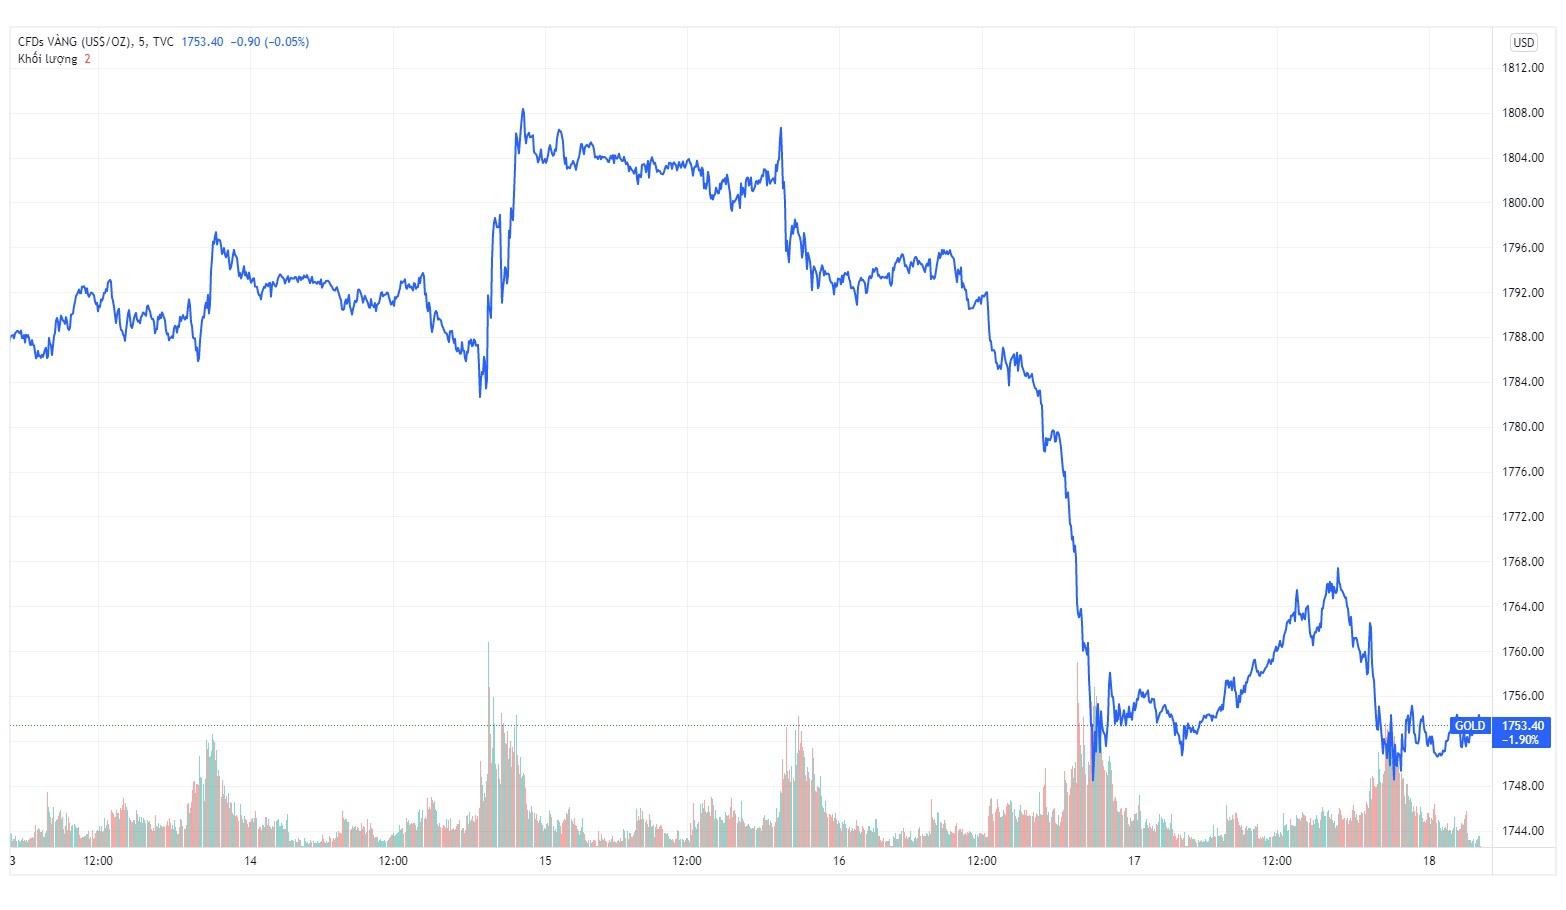 Kinh tế nóng nhất tuần: Thuỷ Tiên - Công Vinh không được livestream trong ngân hàng - Ảnh 3.